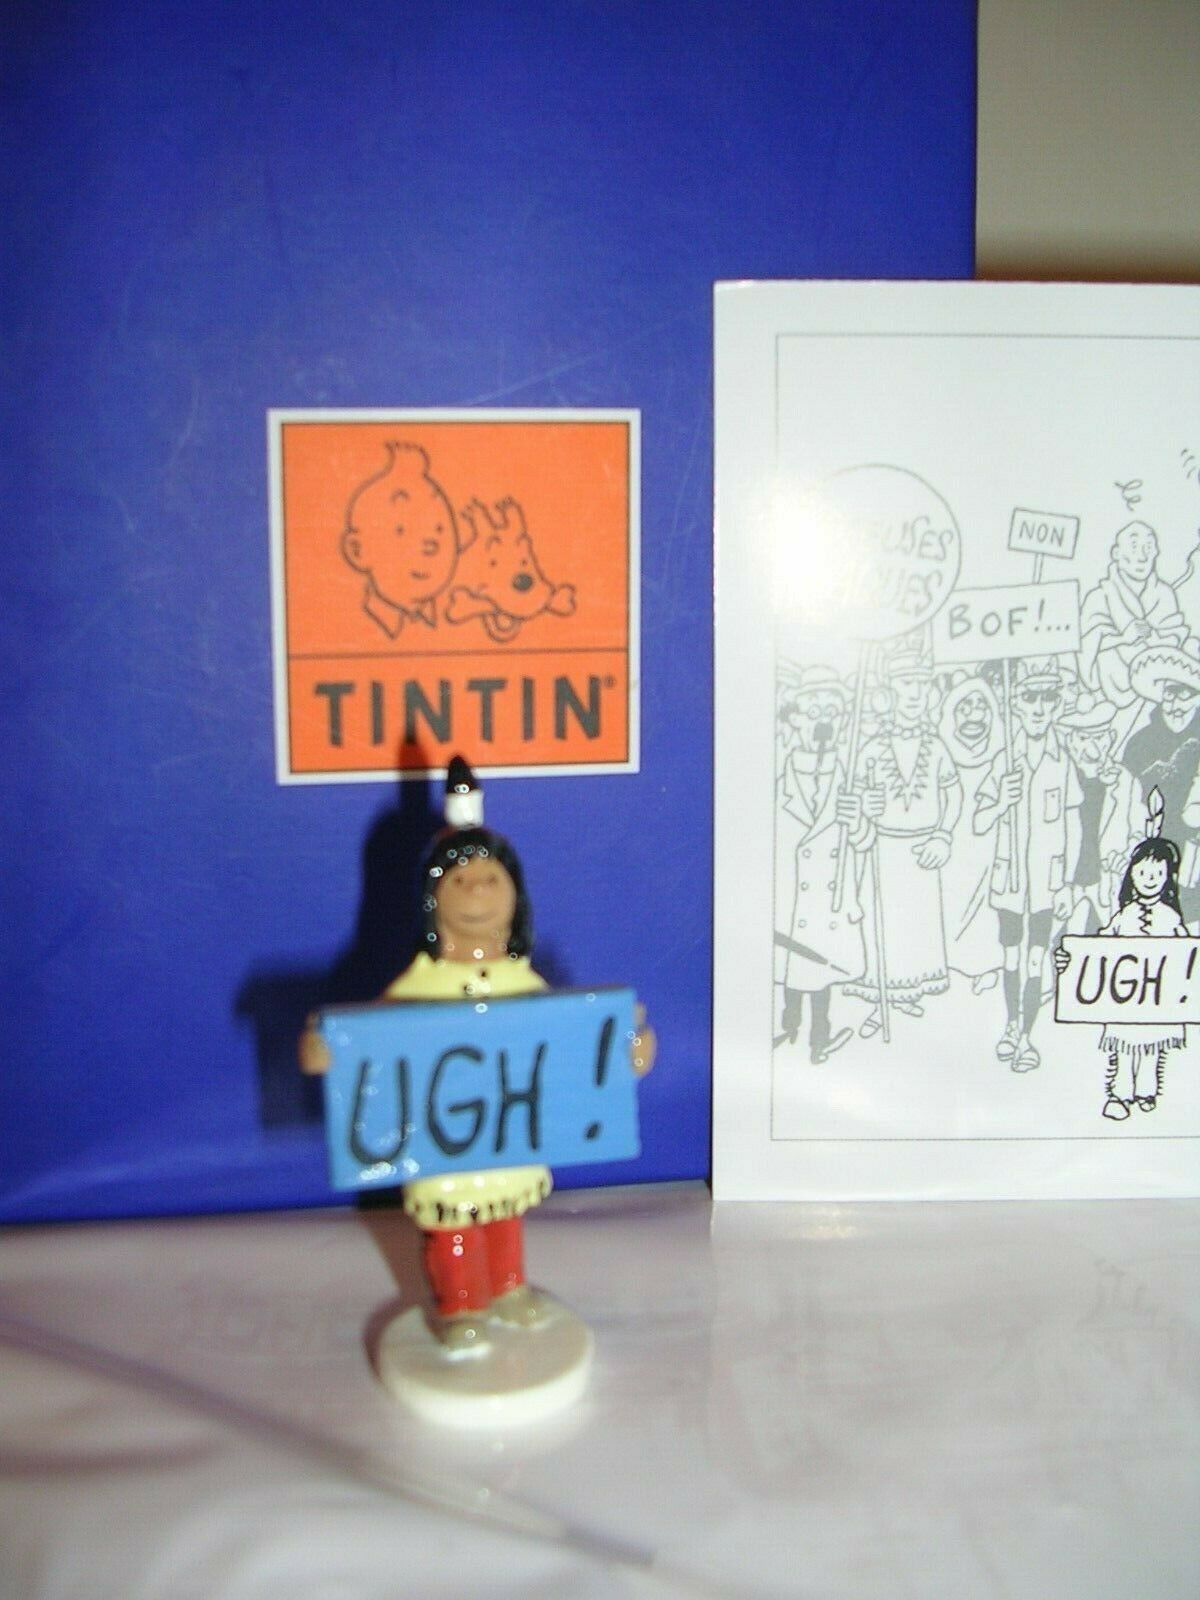 ++TINTIN PIXI MOULINSART CocheTE DE VOEUX++PAPOOSE UGH 46986++ NEUF++